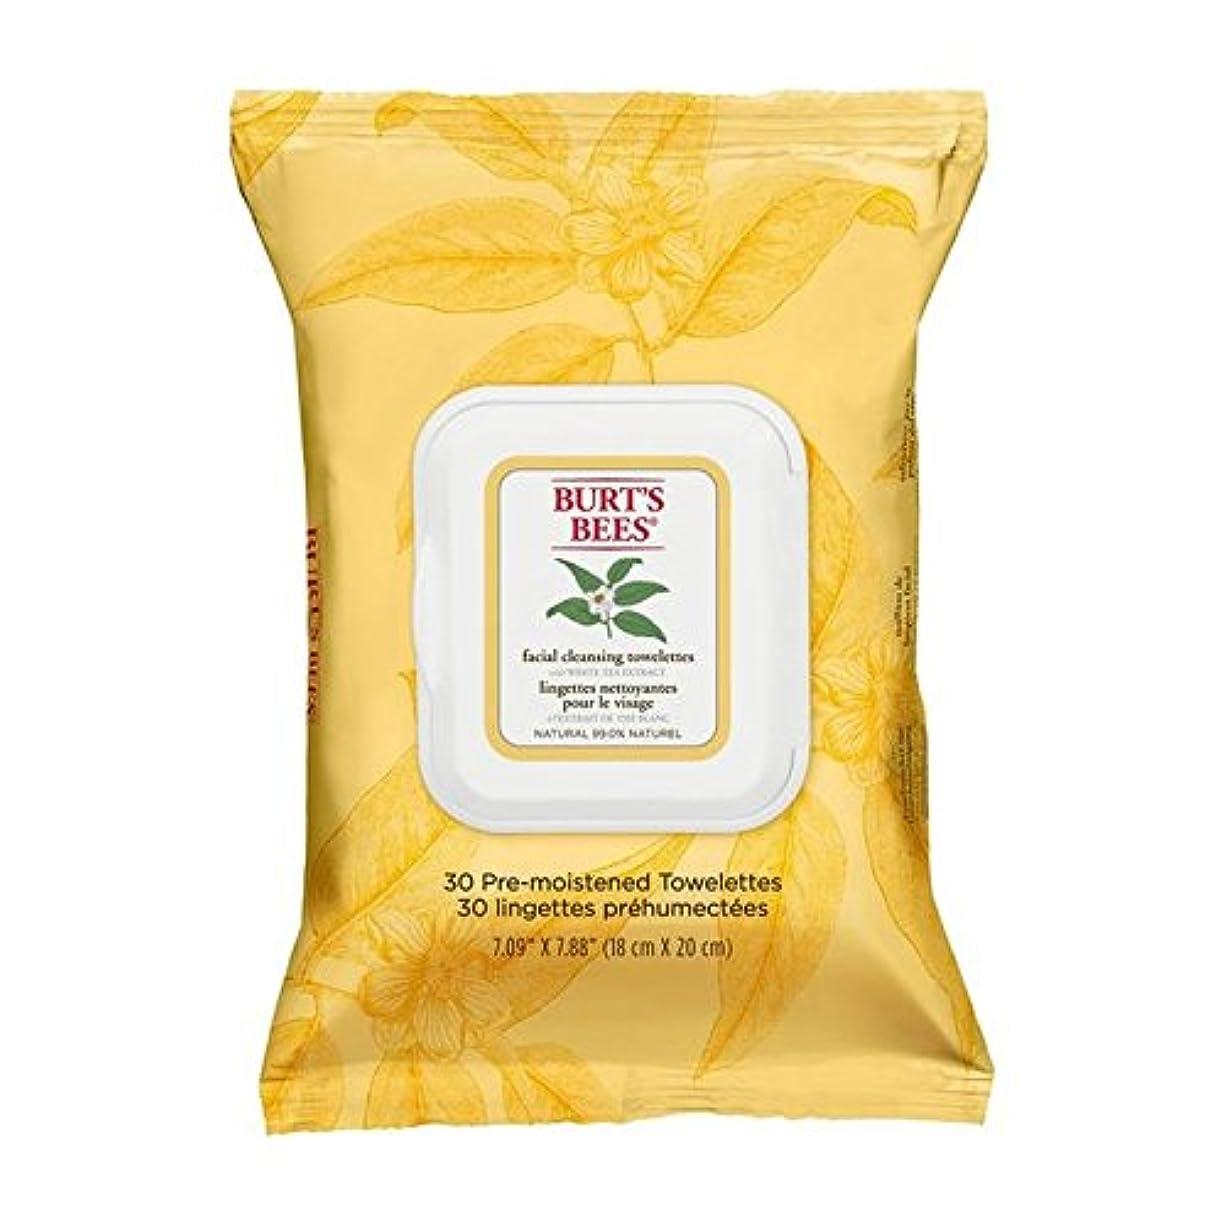 振りかけるお祝いキロメートルホワイトティーエキスとバーツビー洗顔ペーパータオル x2 - Burt's Bees Facial Cleansing Towelettes with White Tea Extract (Pack of 2) [並行輸入品]